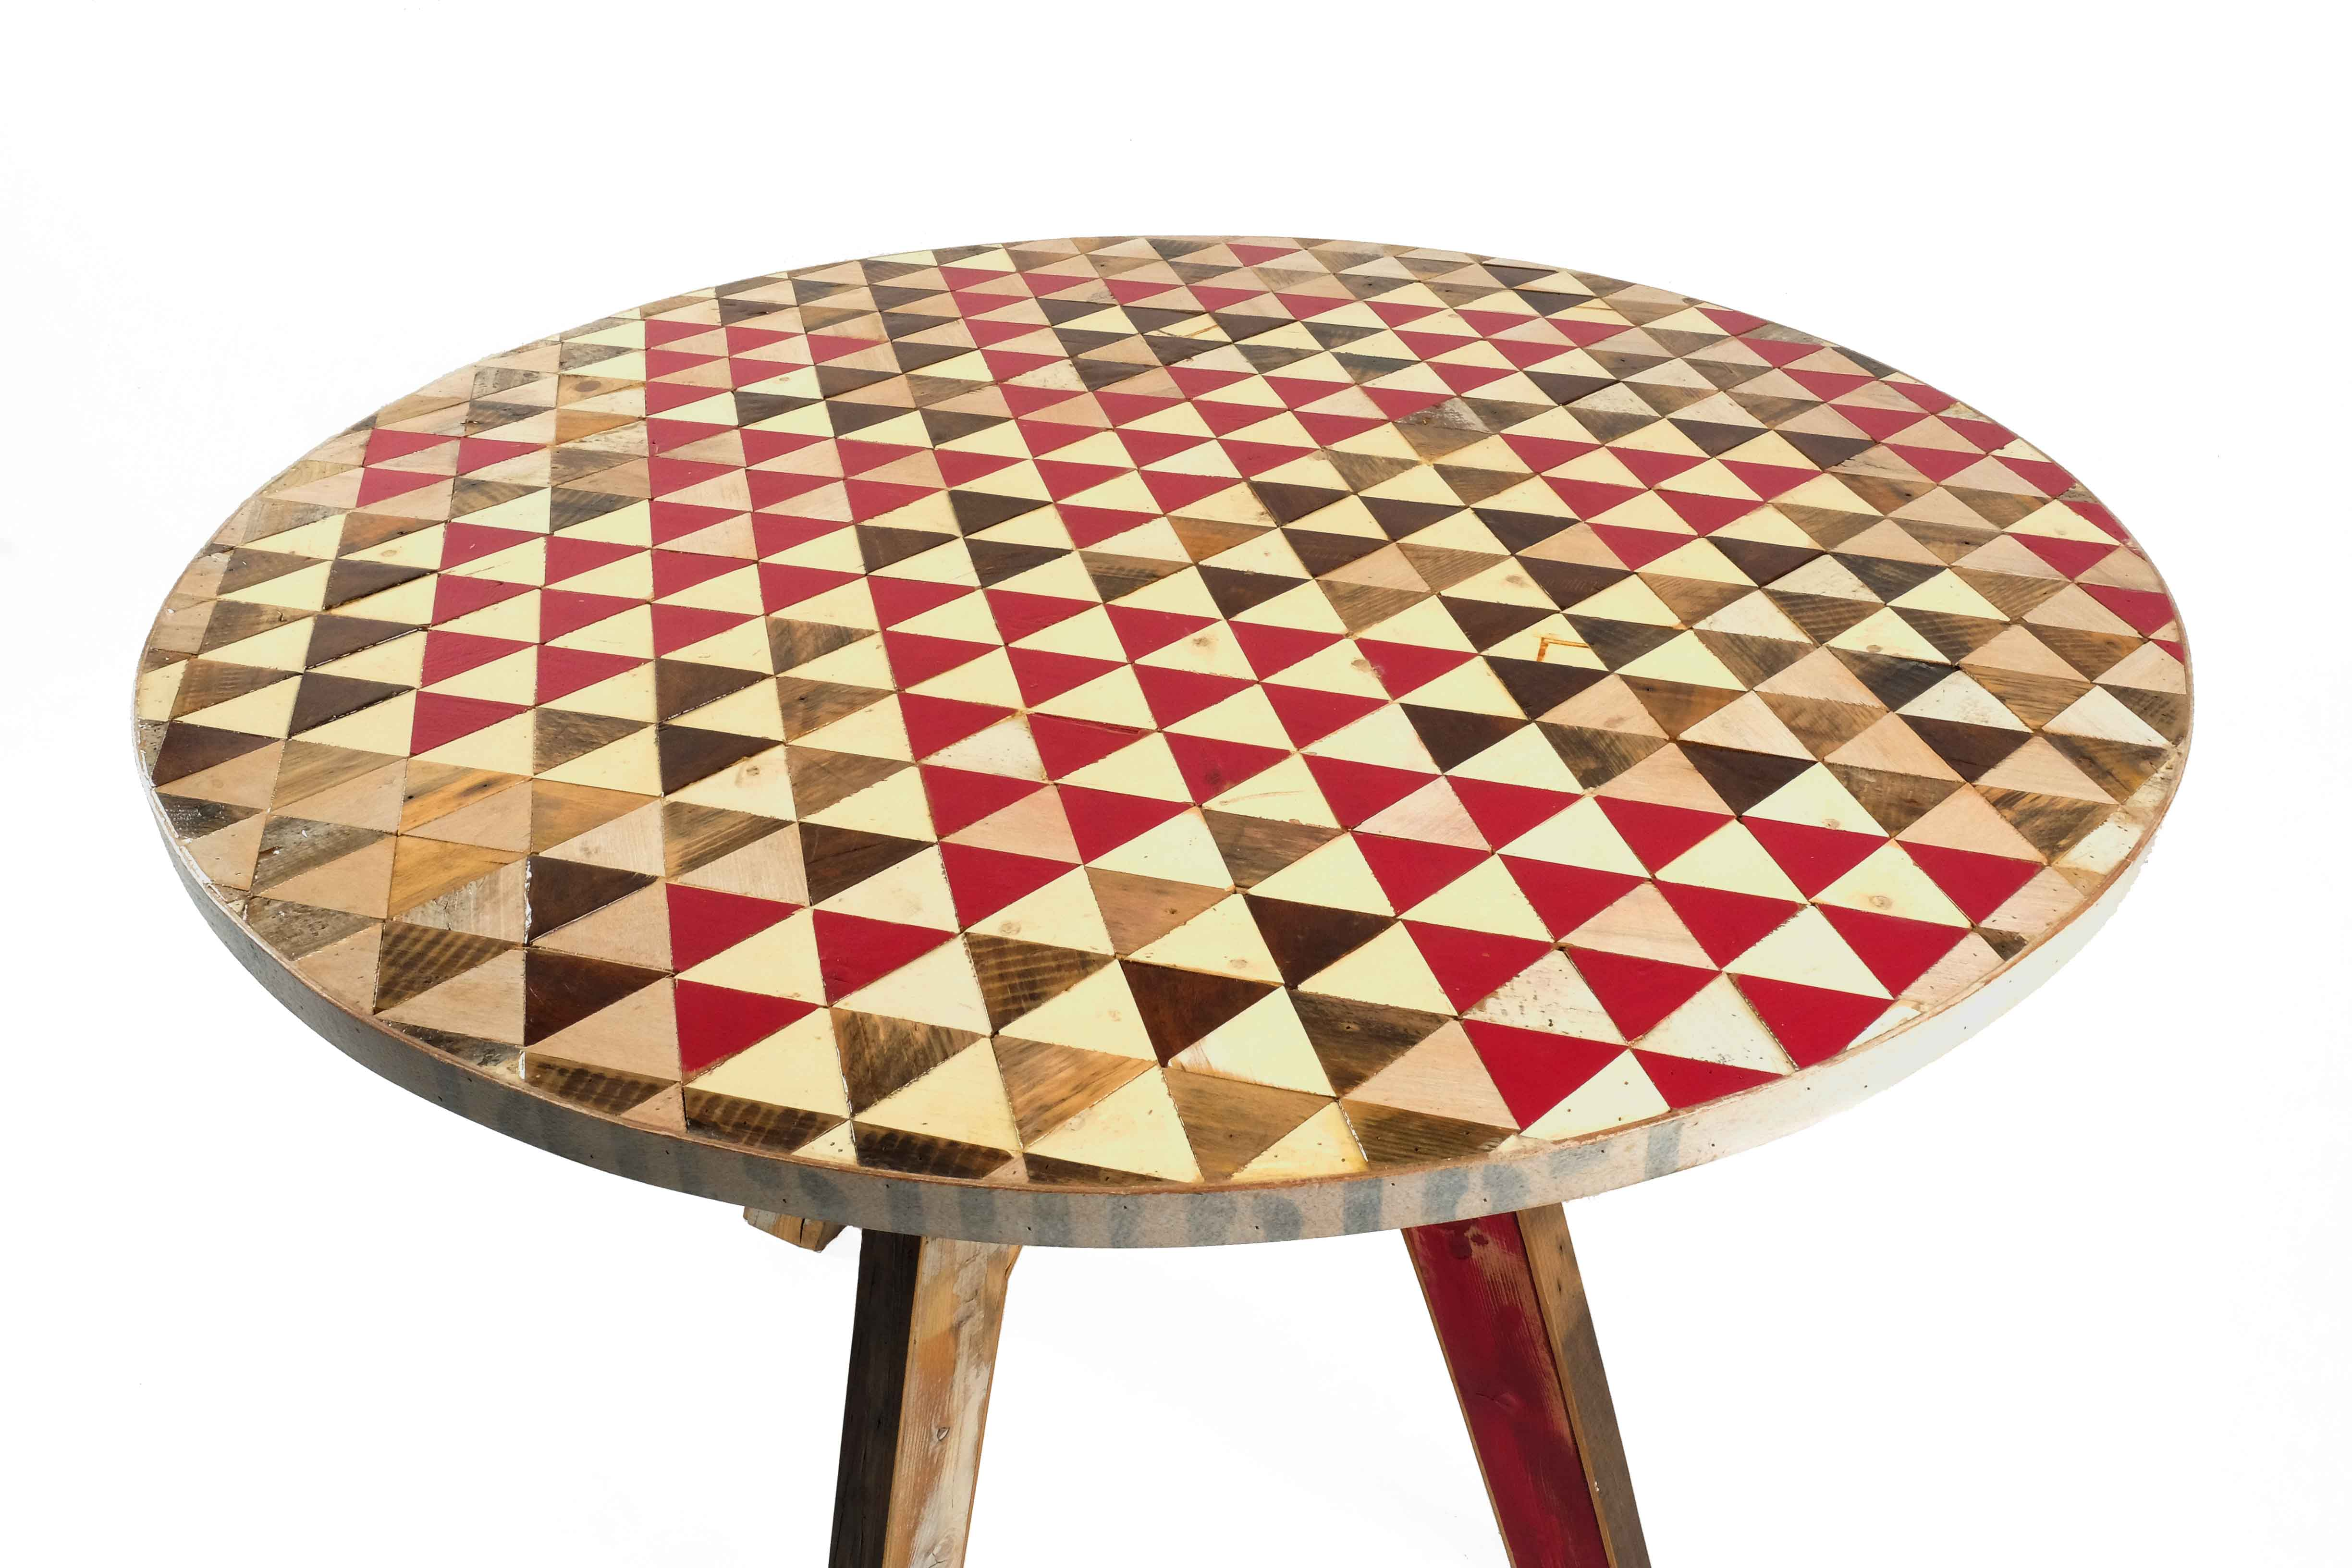 tavolo con triangoli colorati di legno